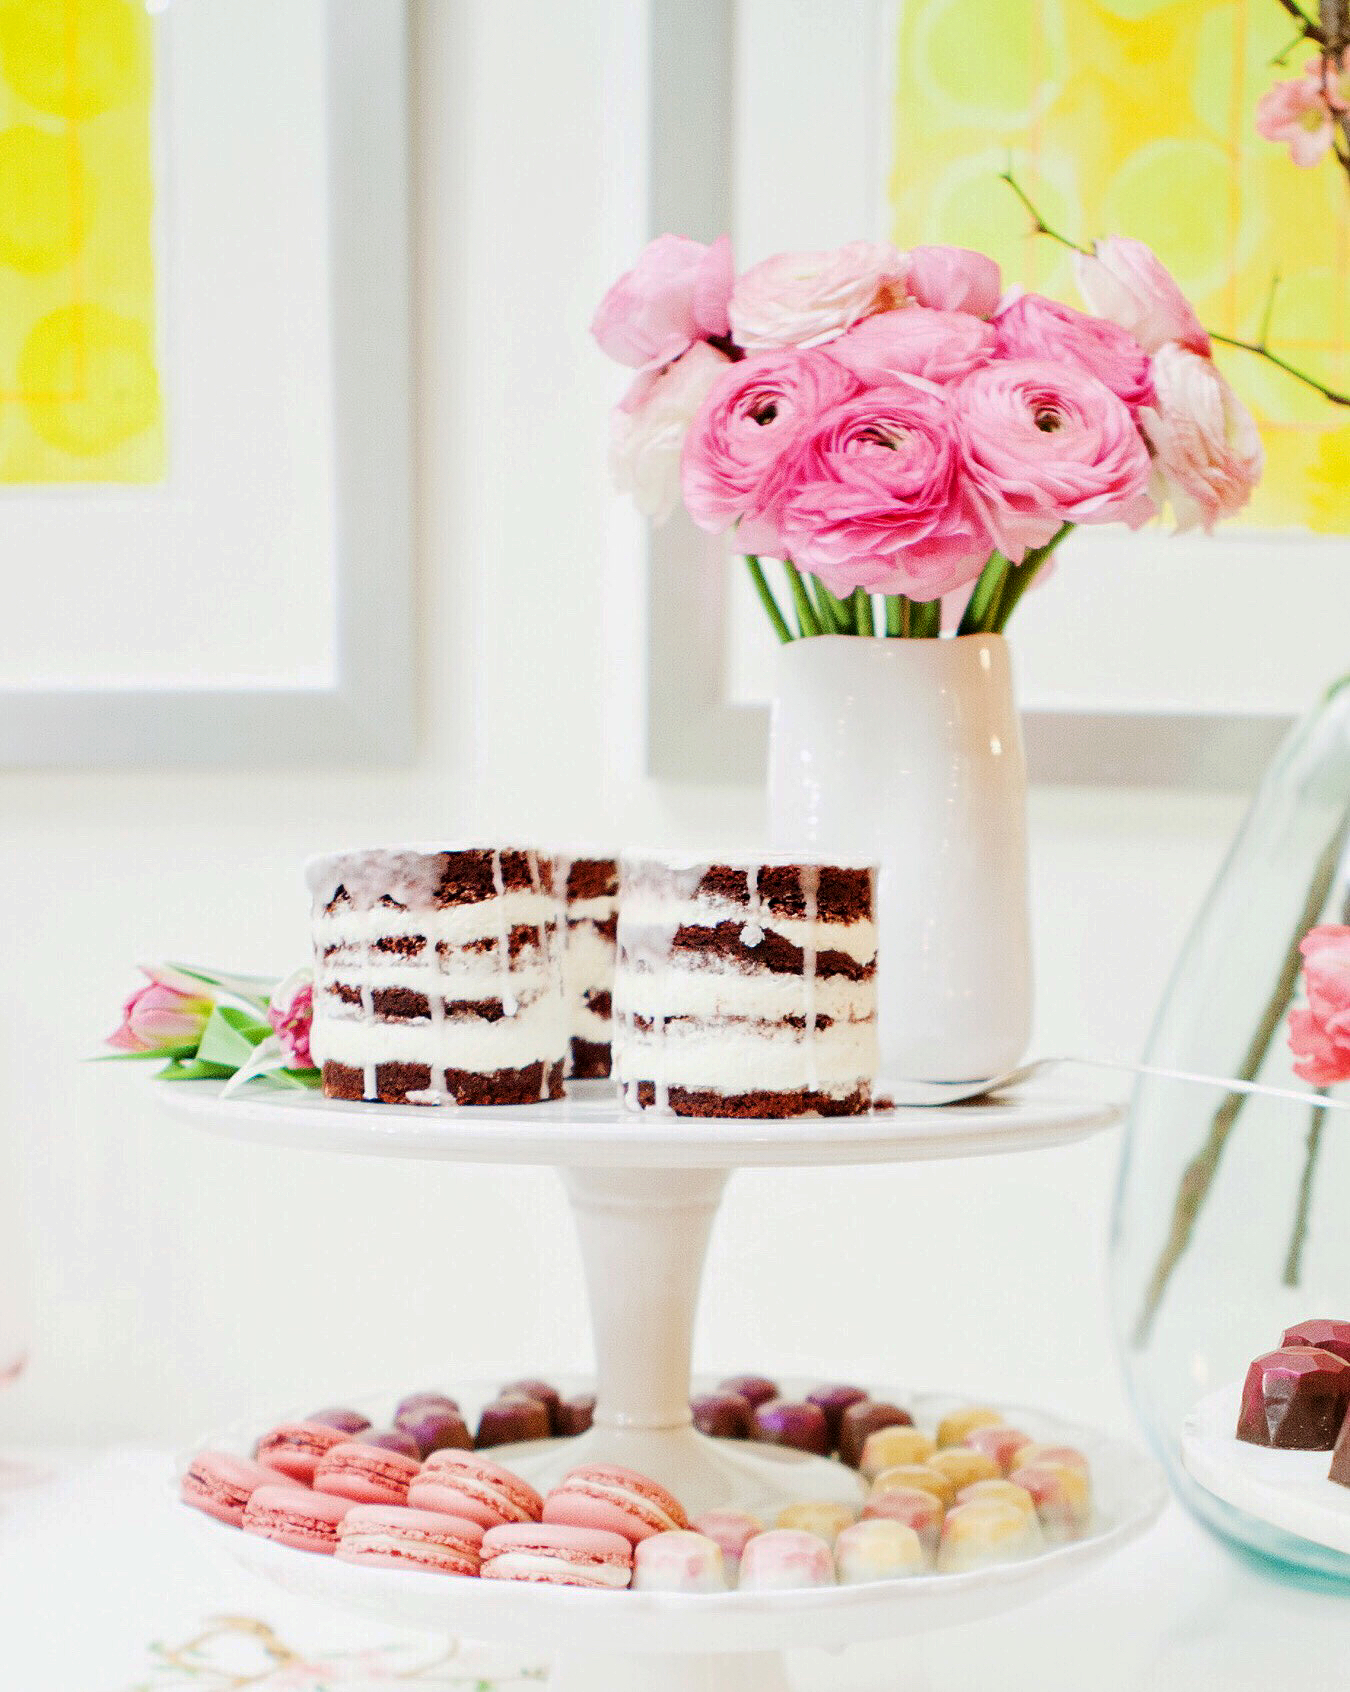 Valentine's Day Dessert and Flowers.jpg